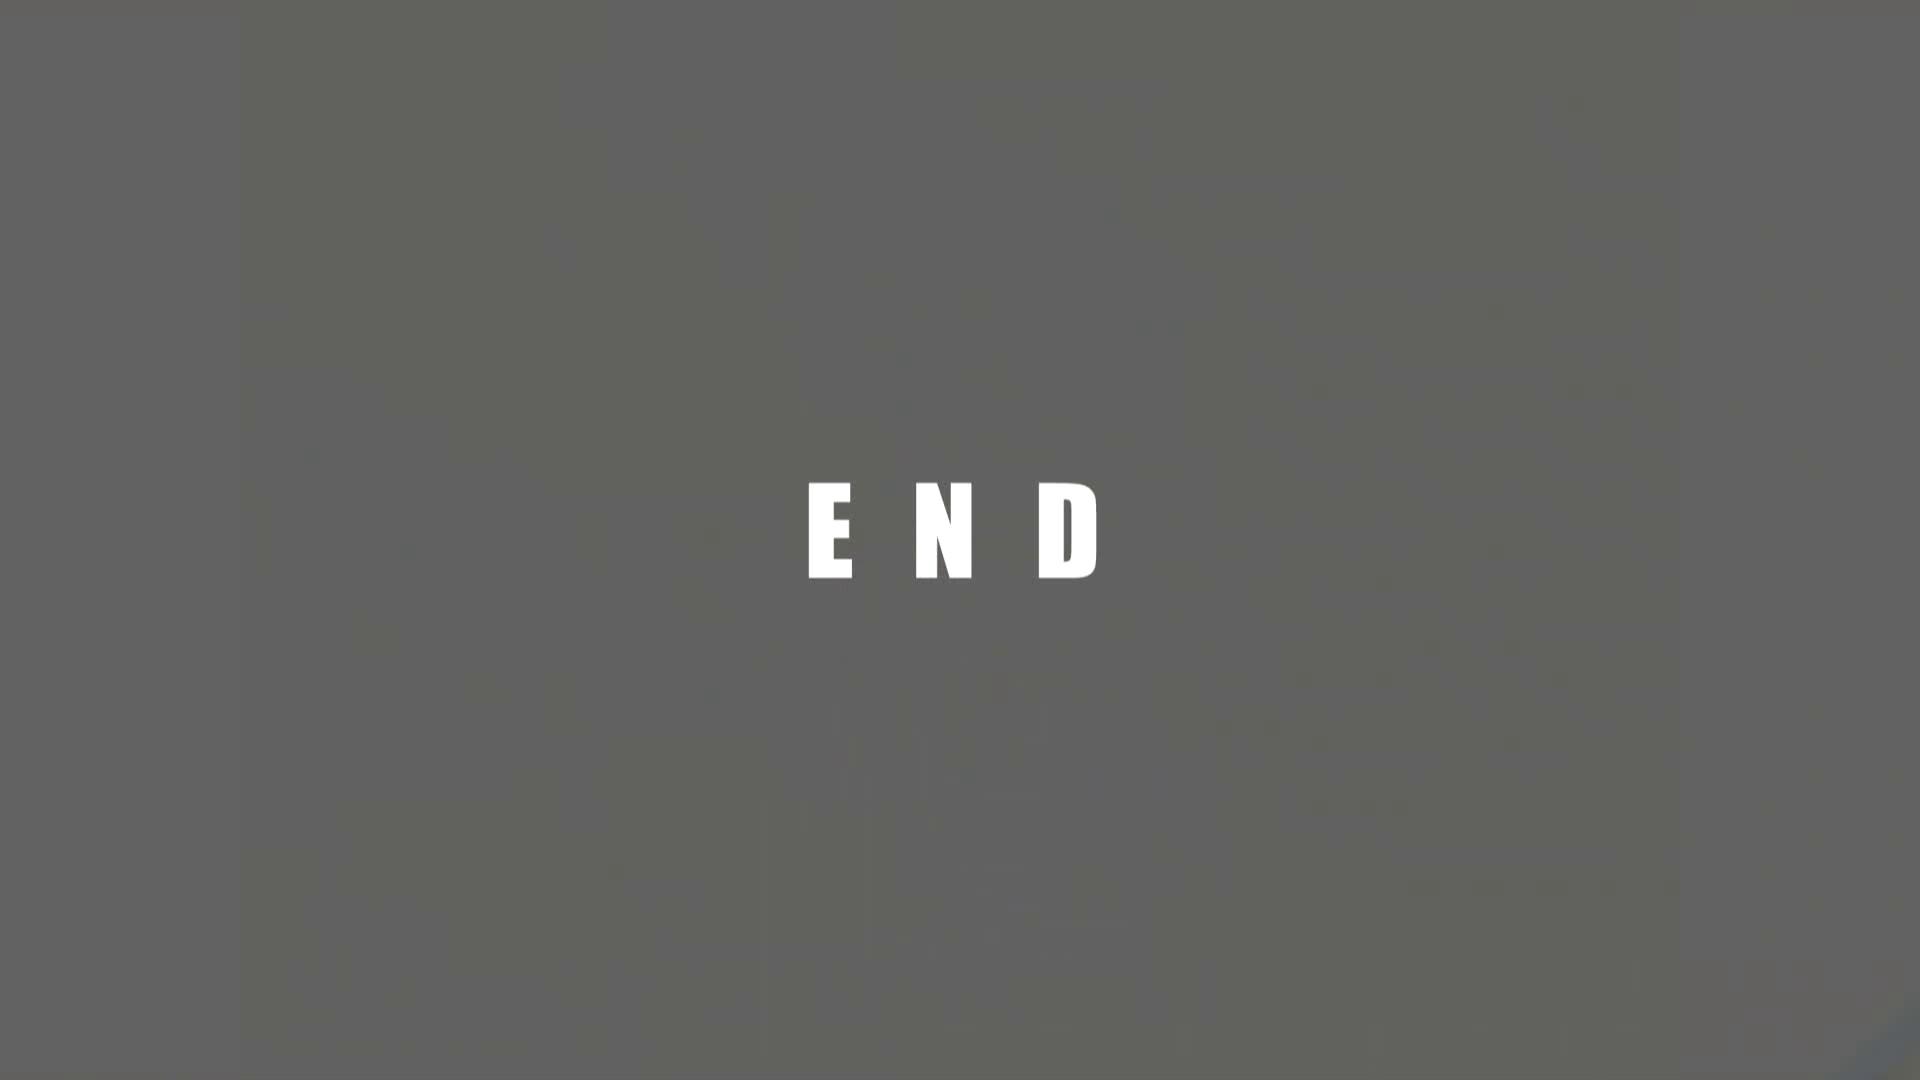 至高下半身盗撮-PREMIUM-【院内病棟編 】 vol.01 盗撮 | ナースを狙え  62pic 16